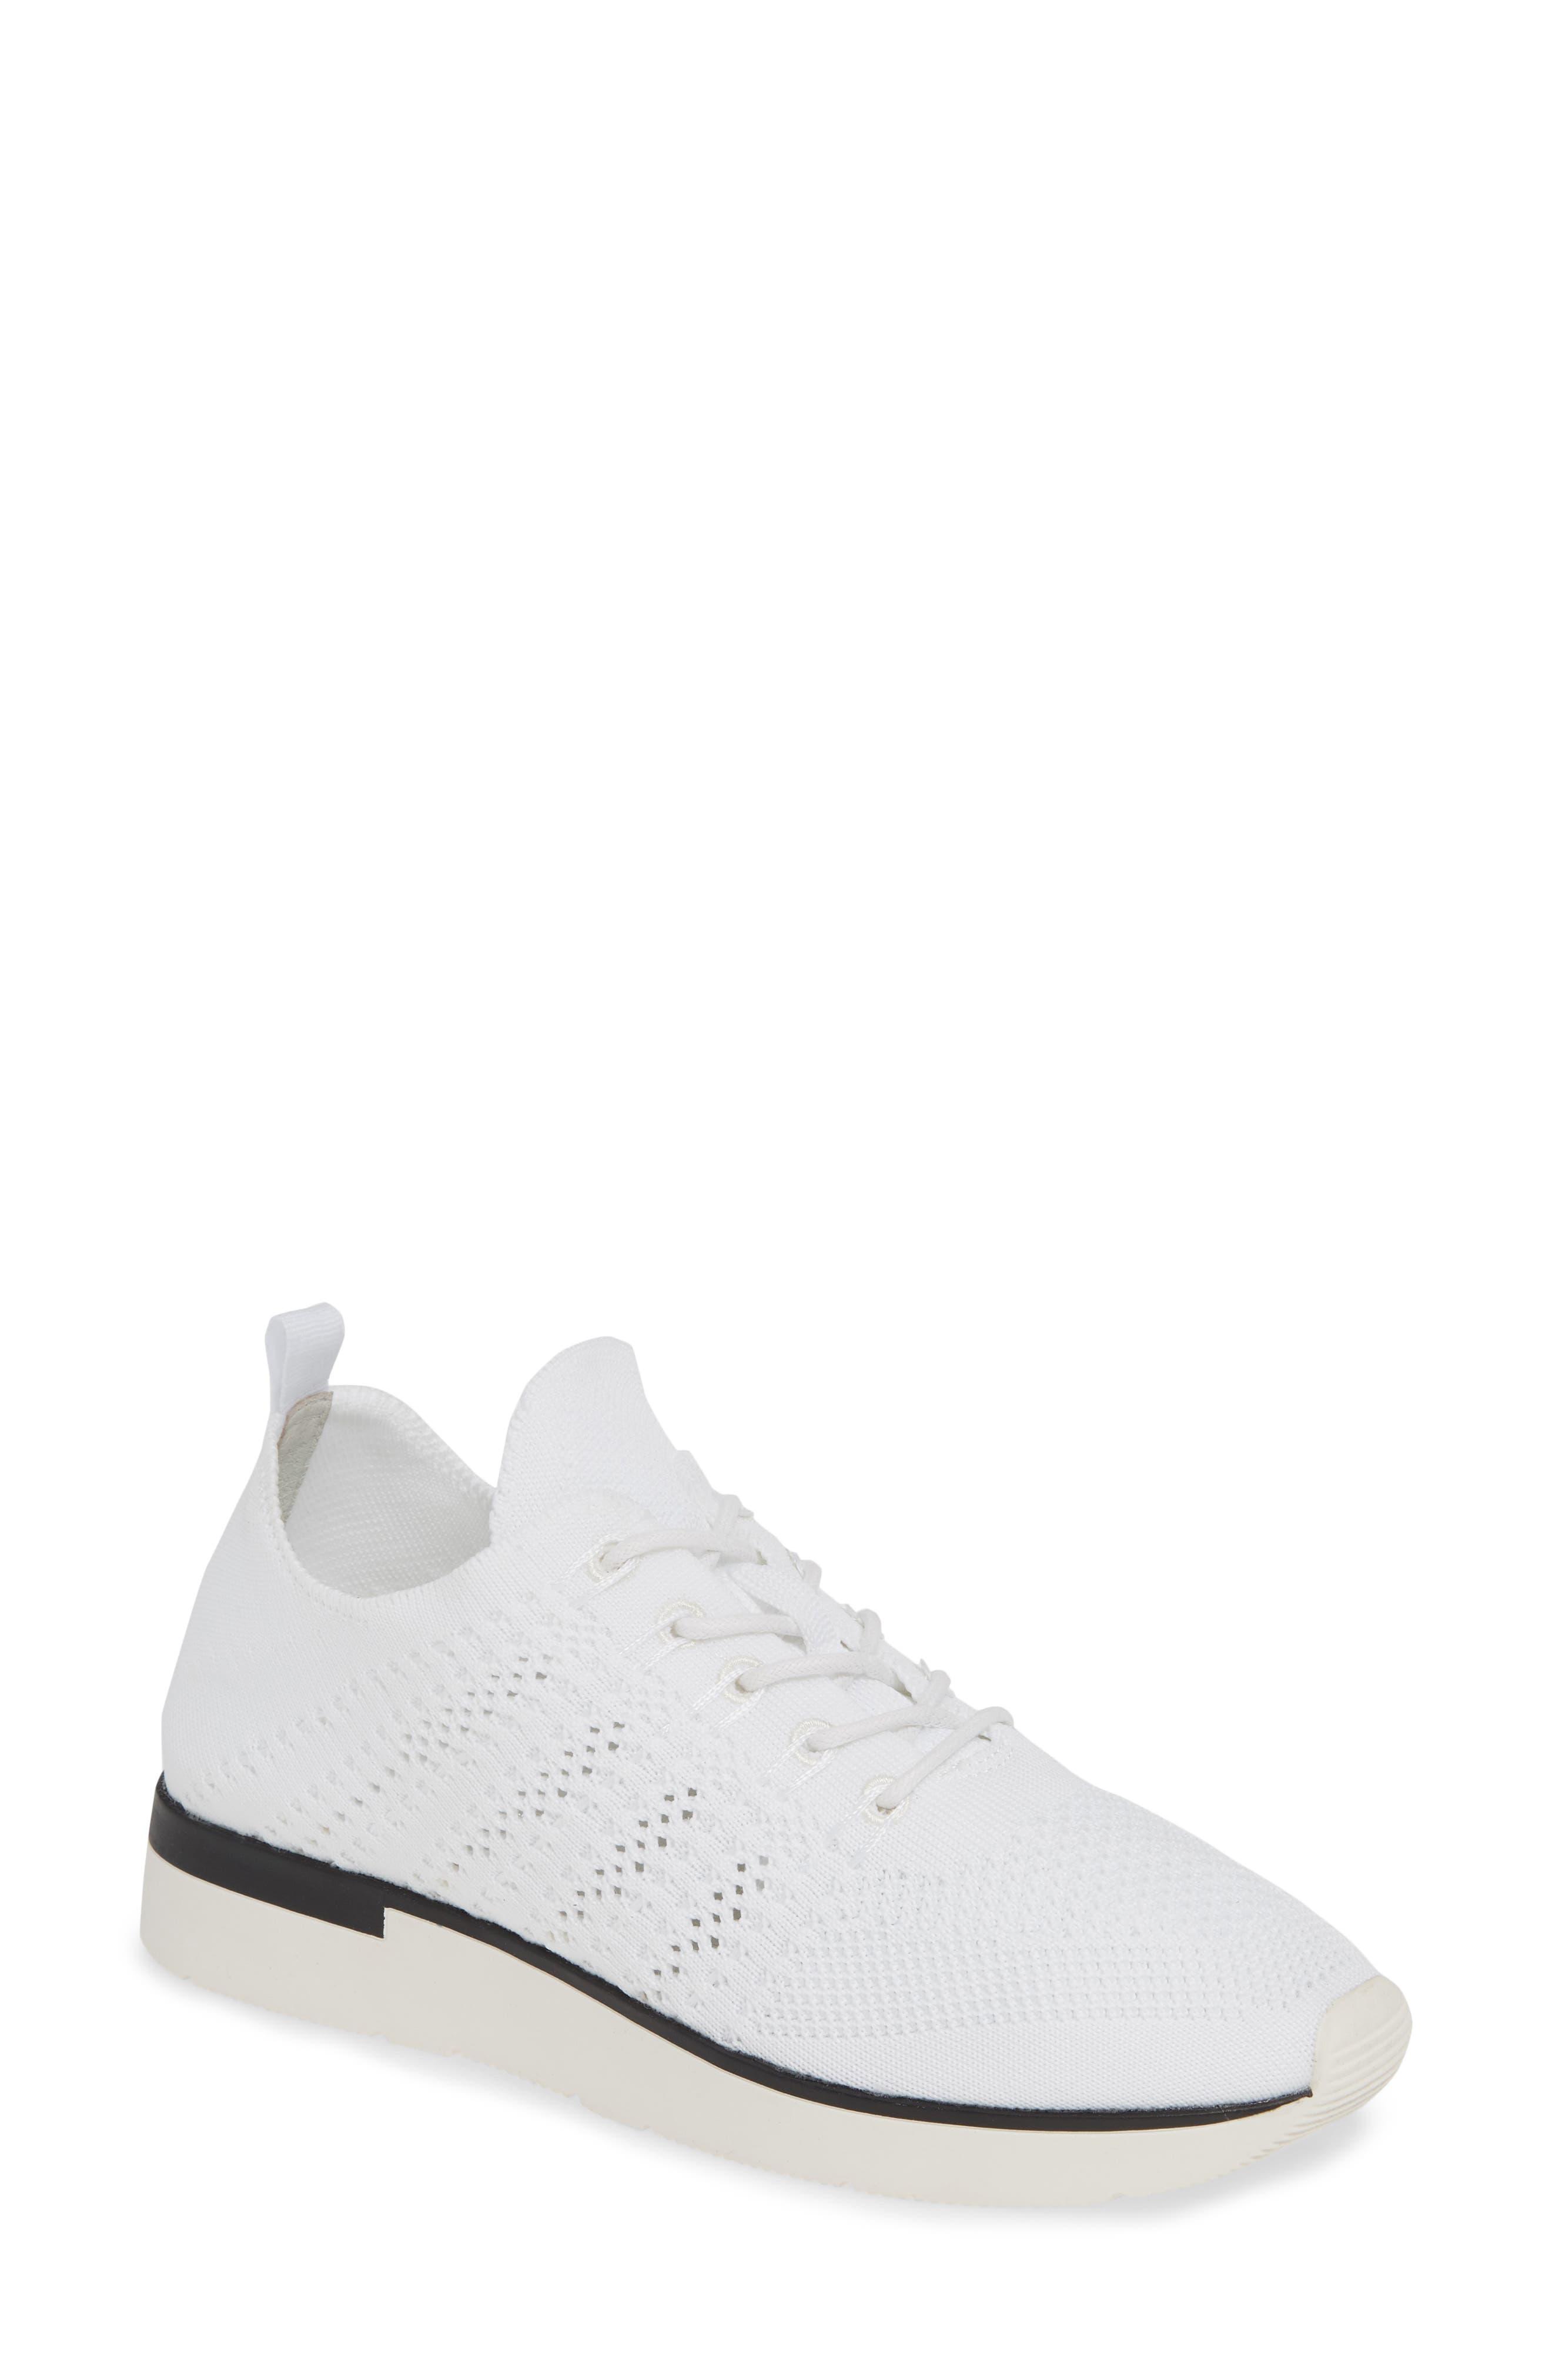 Jslides Gigi Knit Low Top Sneaker, White